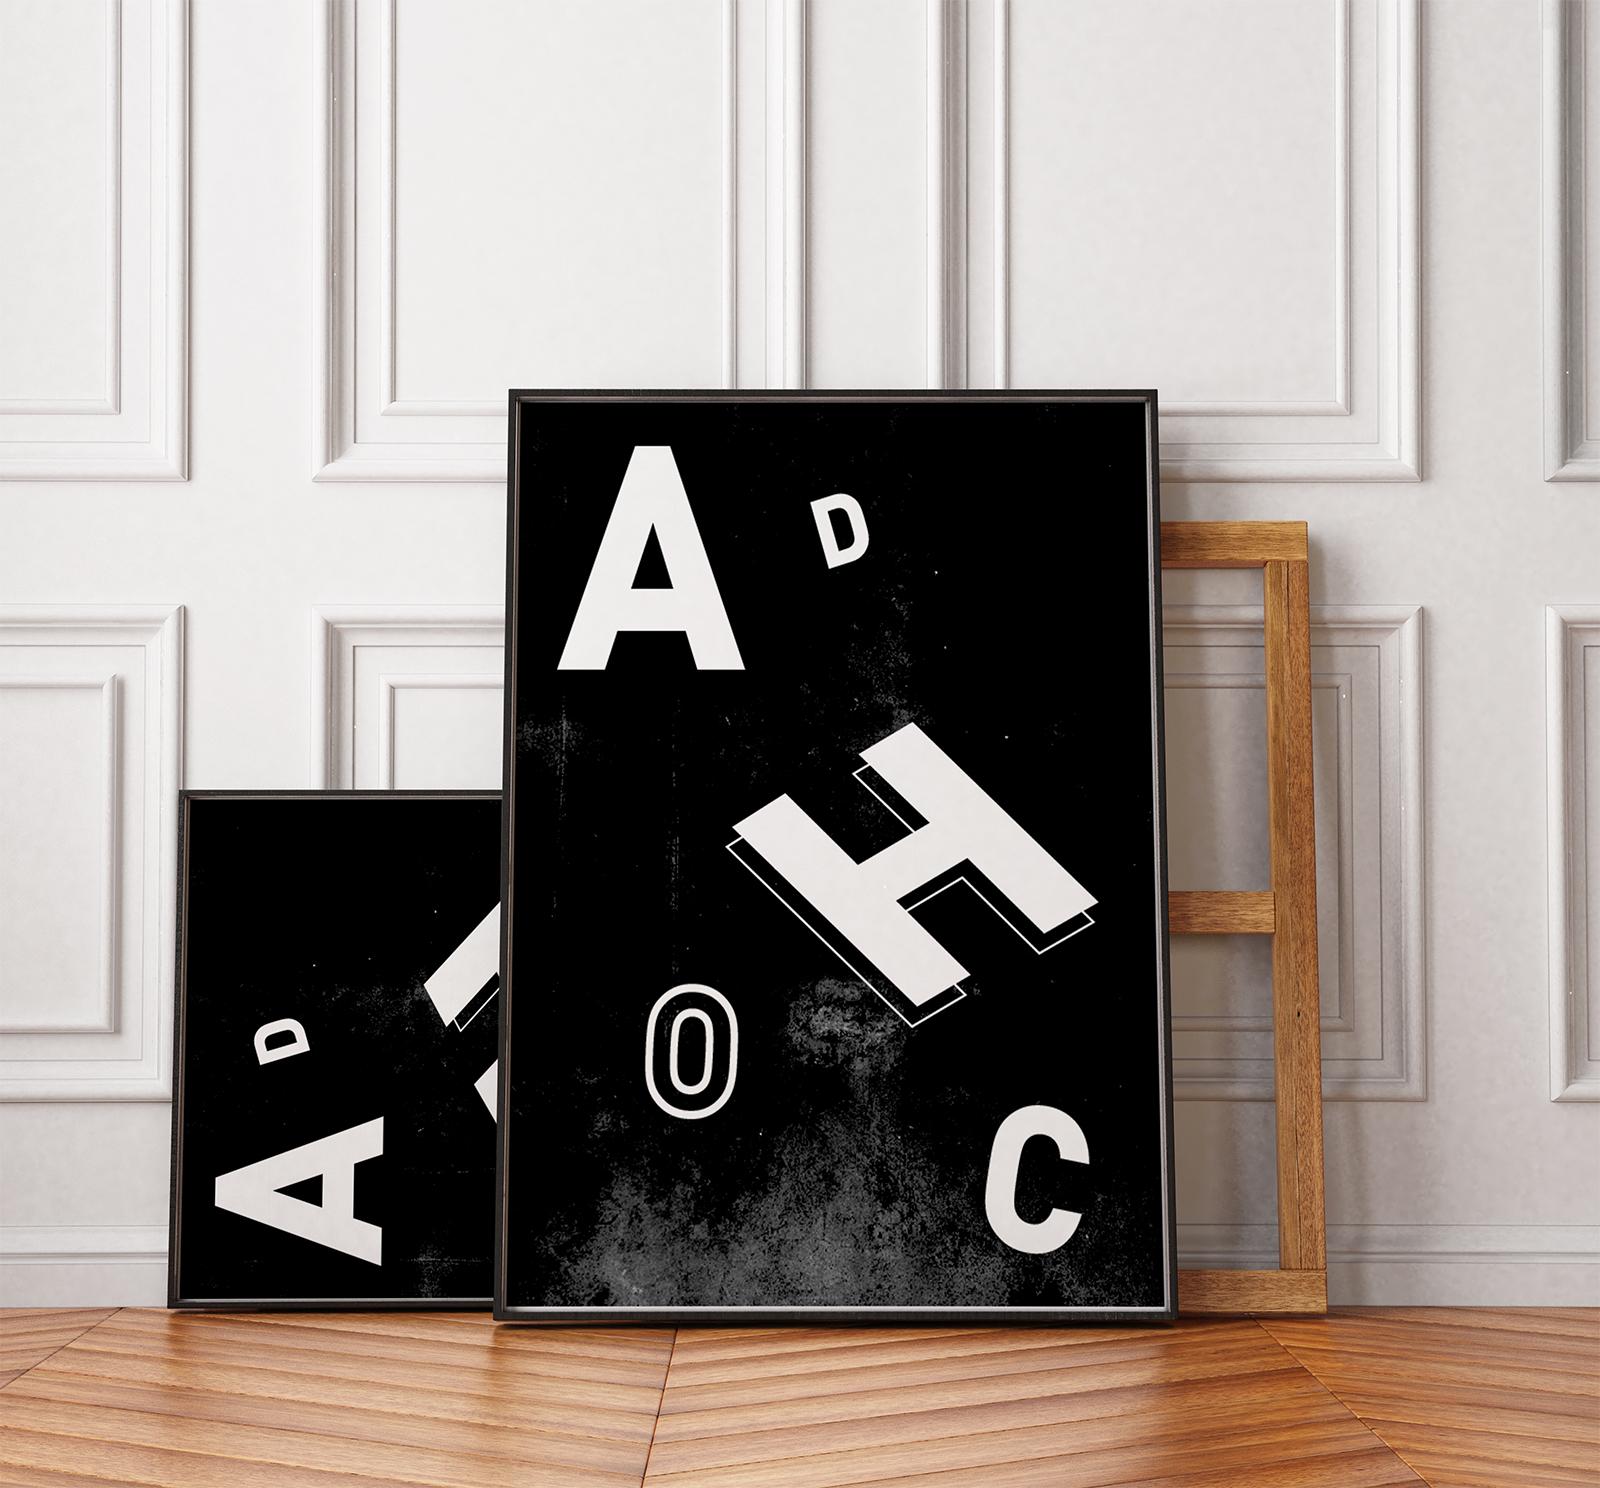 Ad Hoc Clothing Co.